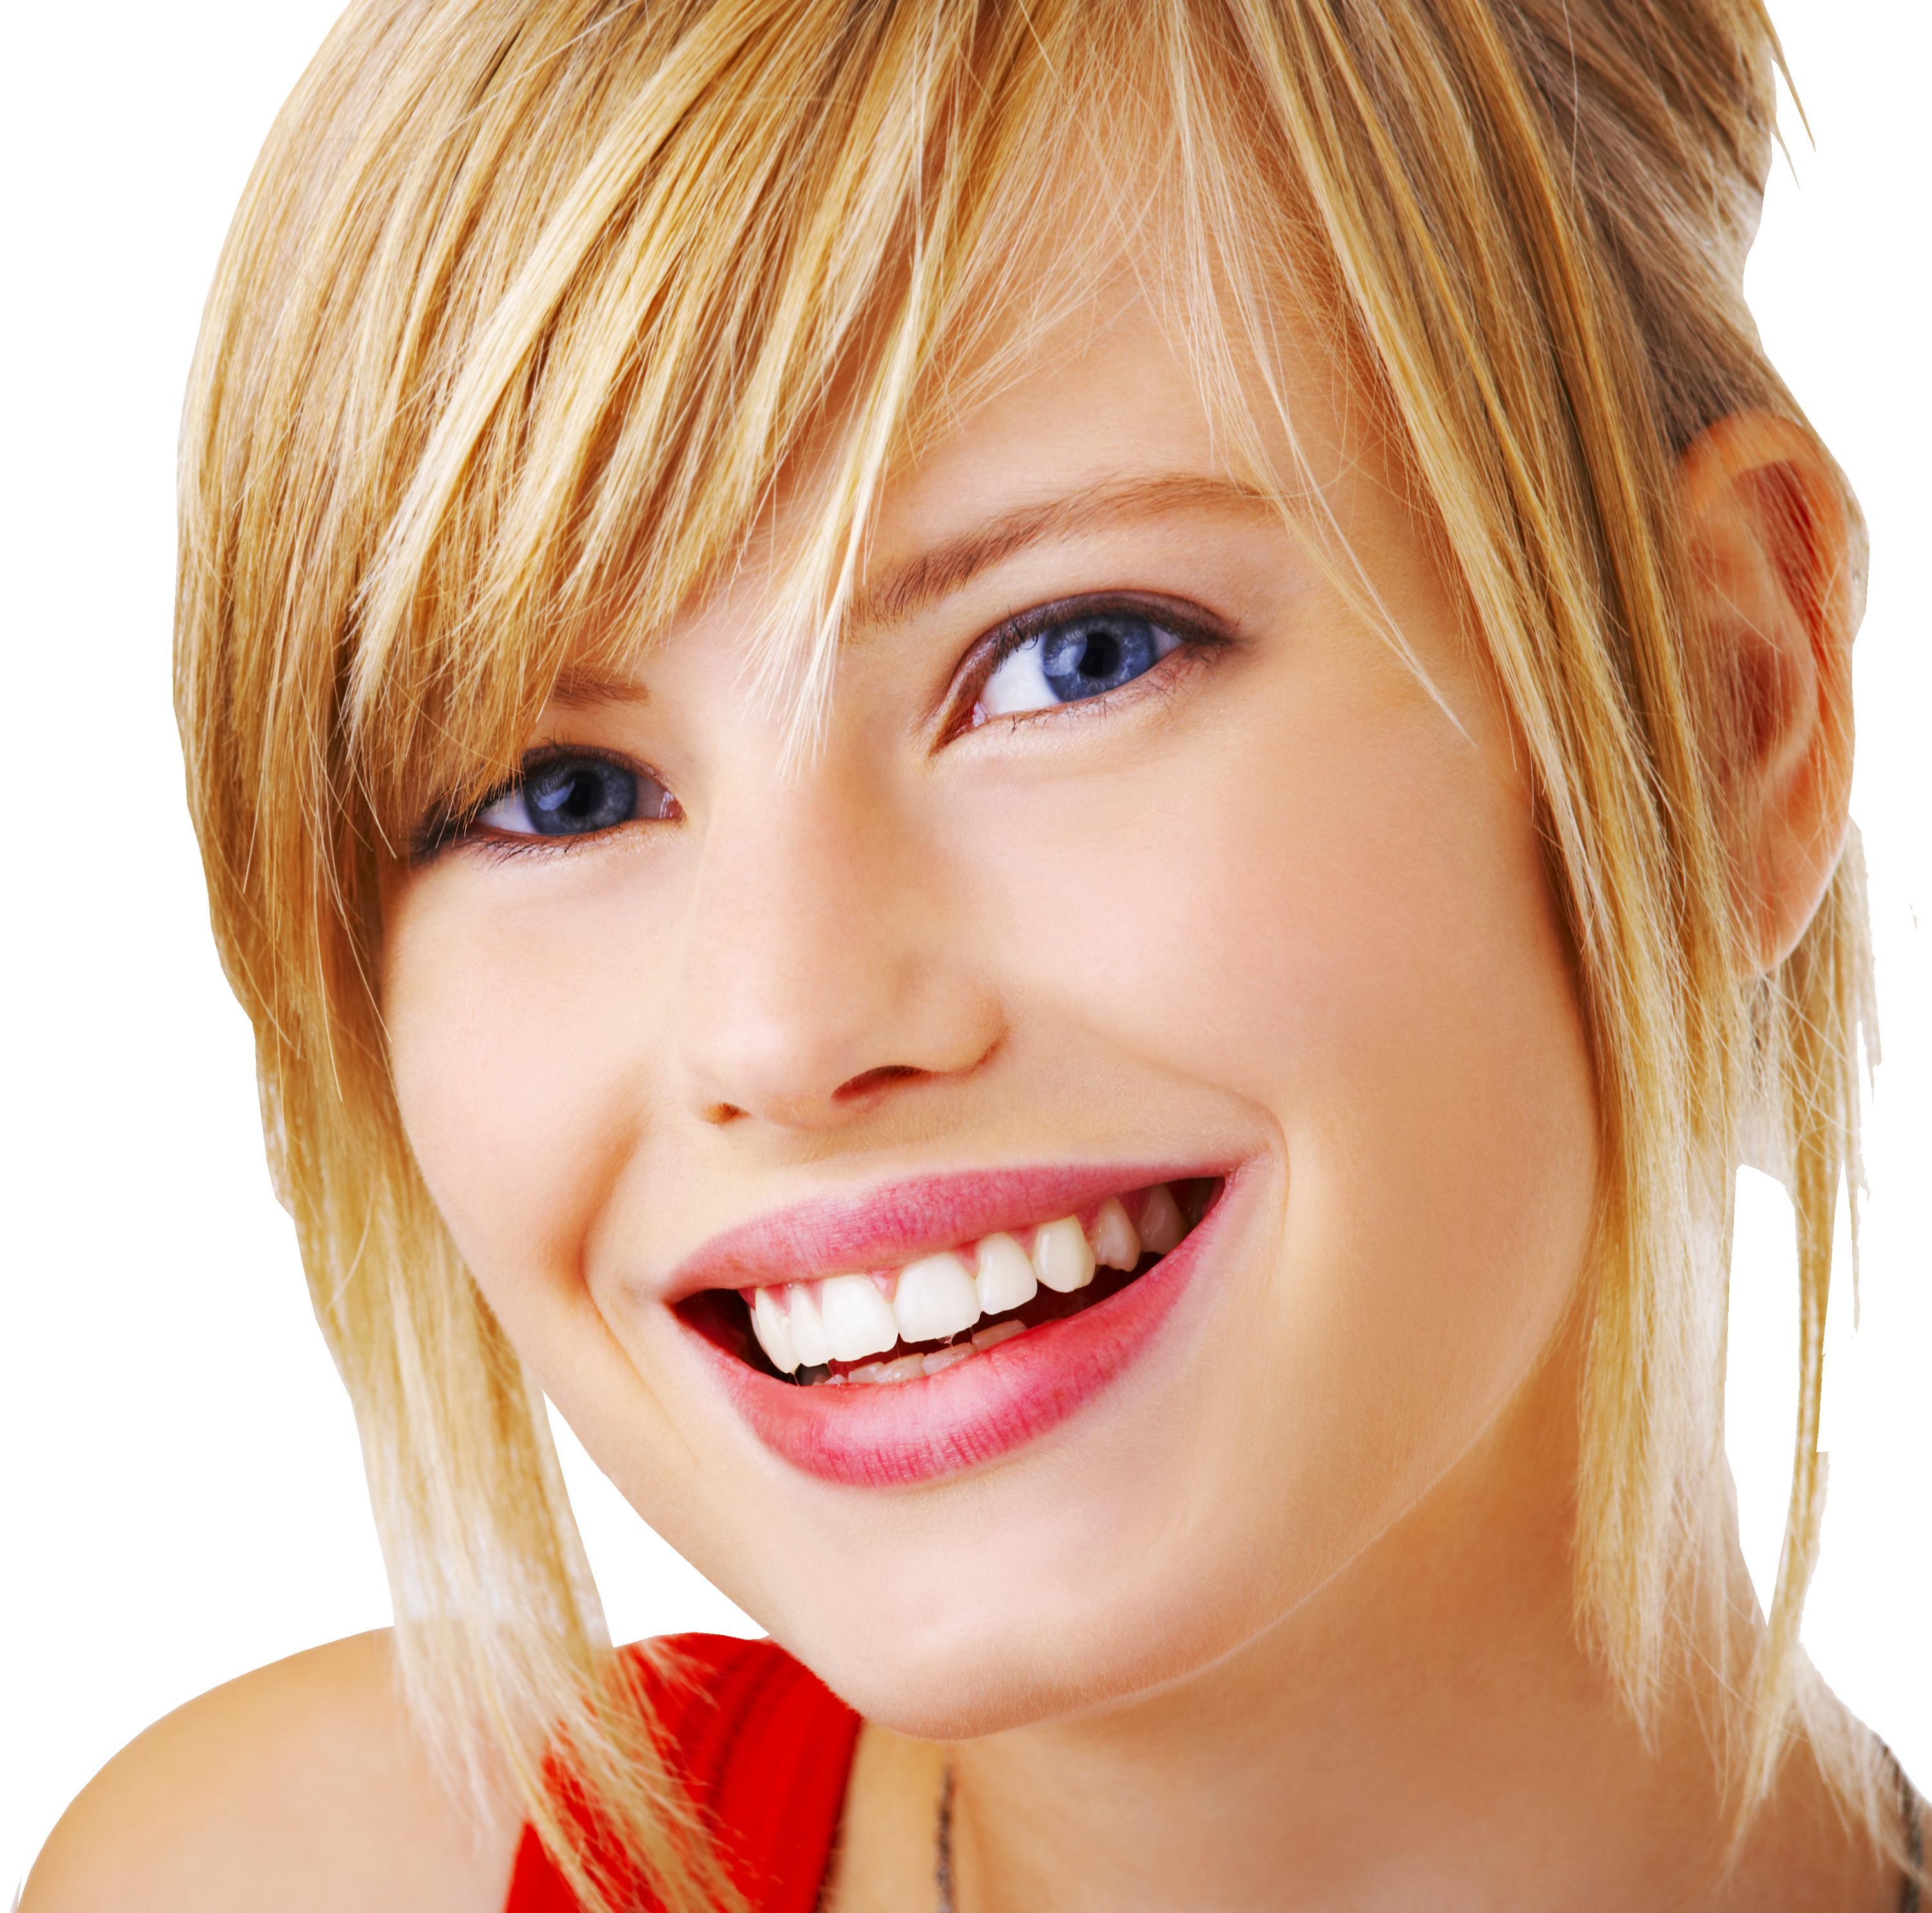 Diş Şekliniz İmajınızı Etkiliyor